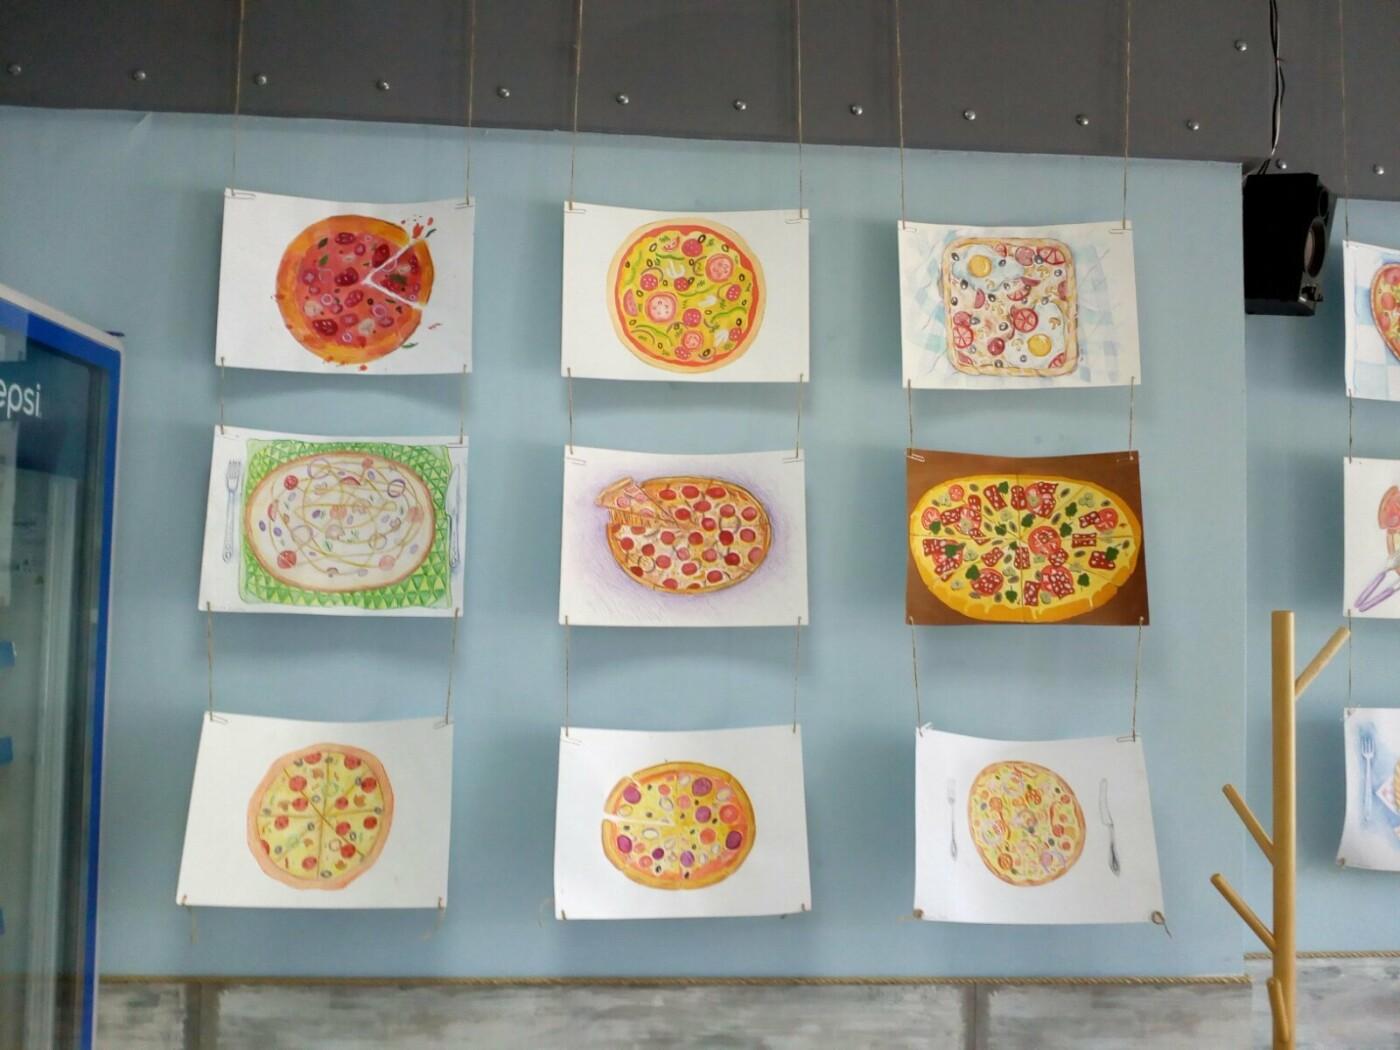 Юные художники Бердянска показали как разнообразно может выглядеть пицца, фото-4